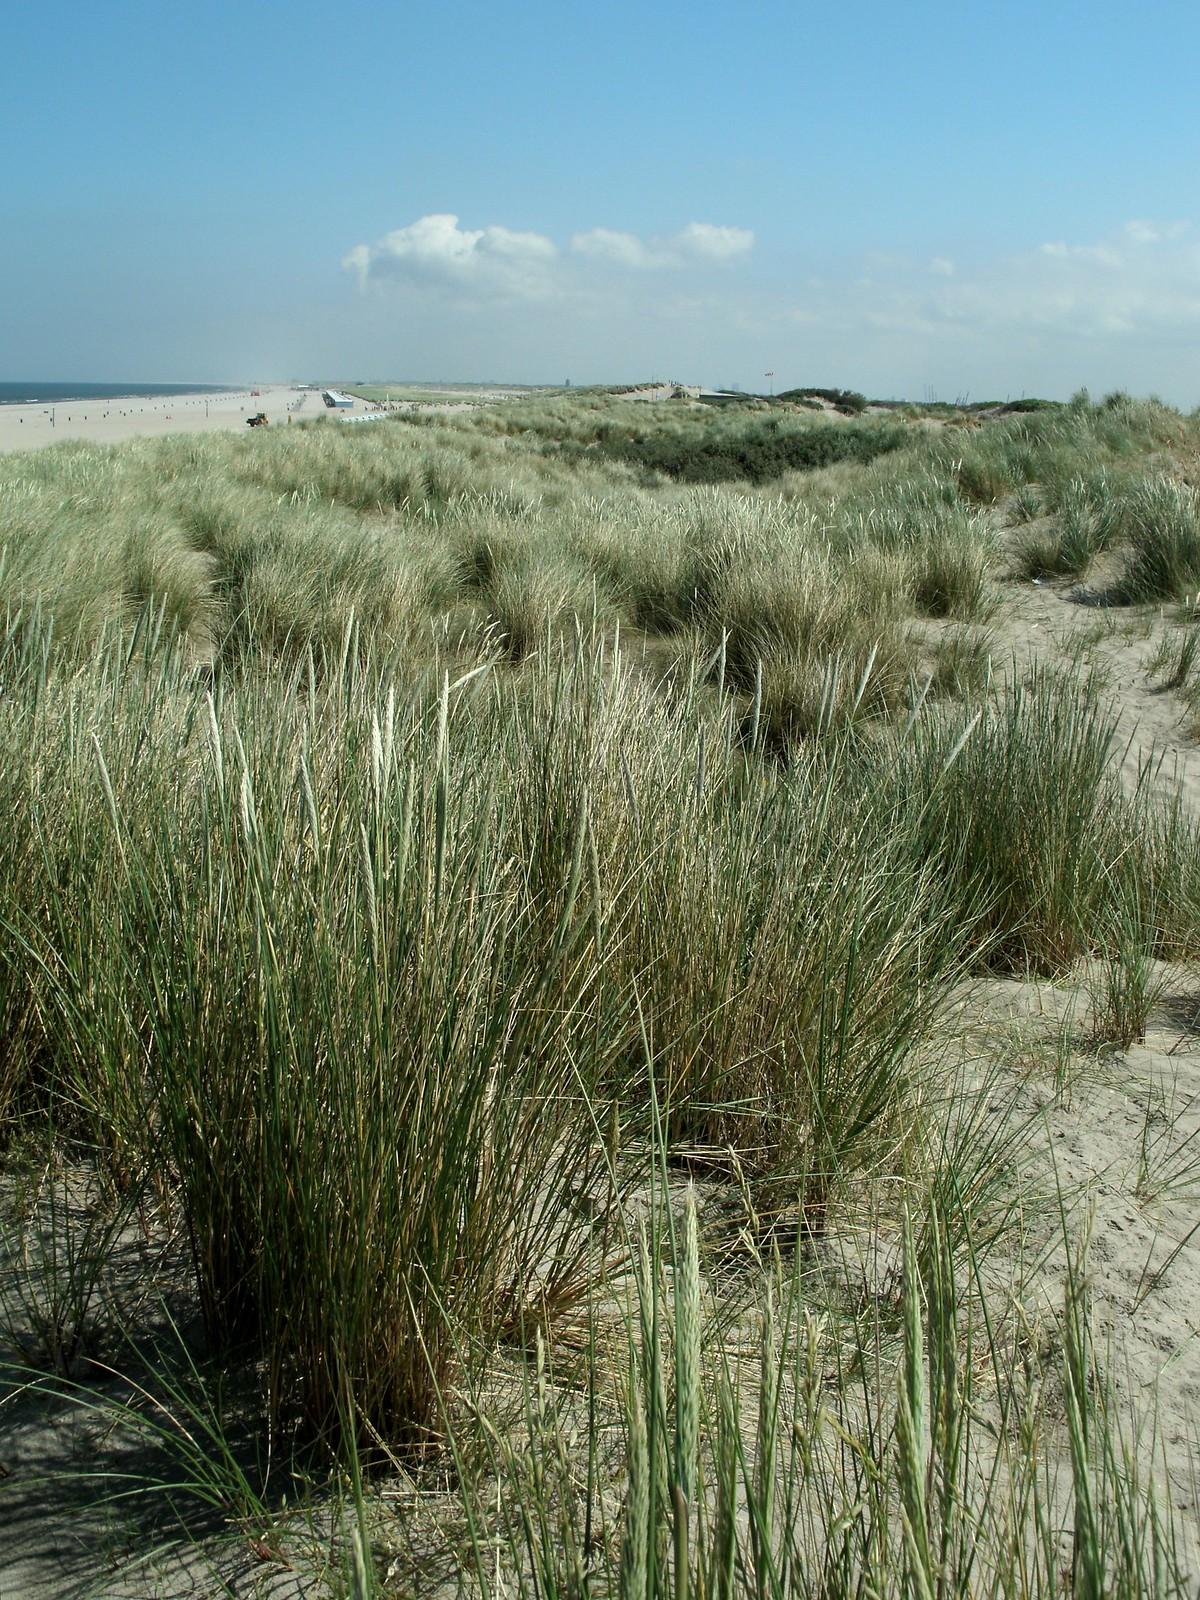 Pale green vegetation in the dunes of Hoek van Holland.